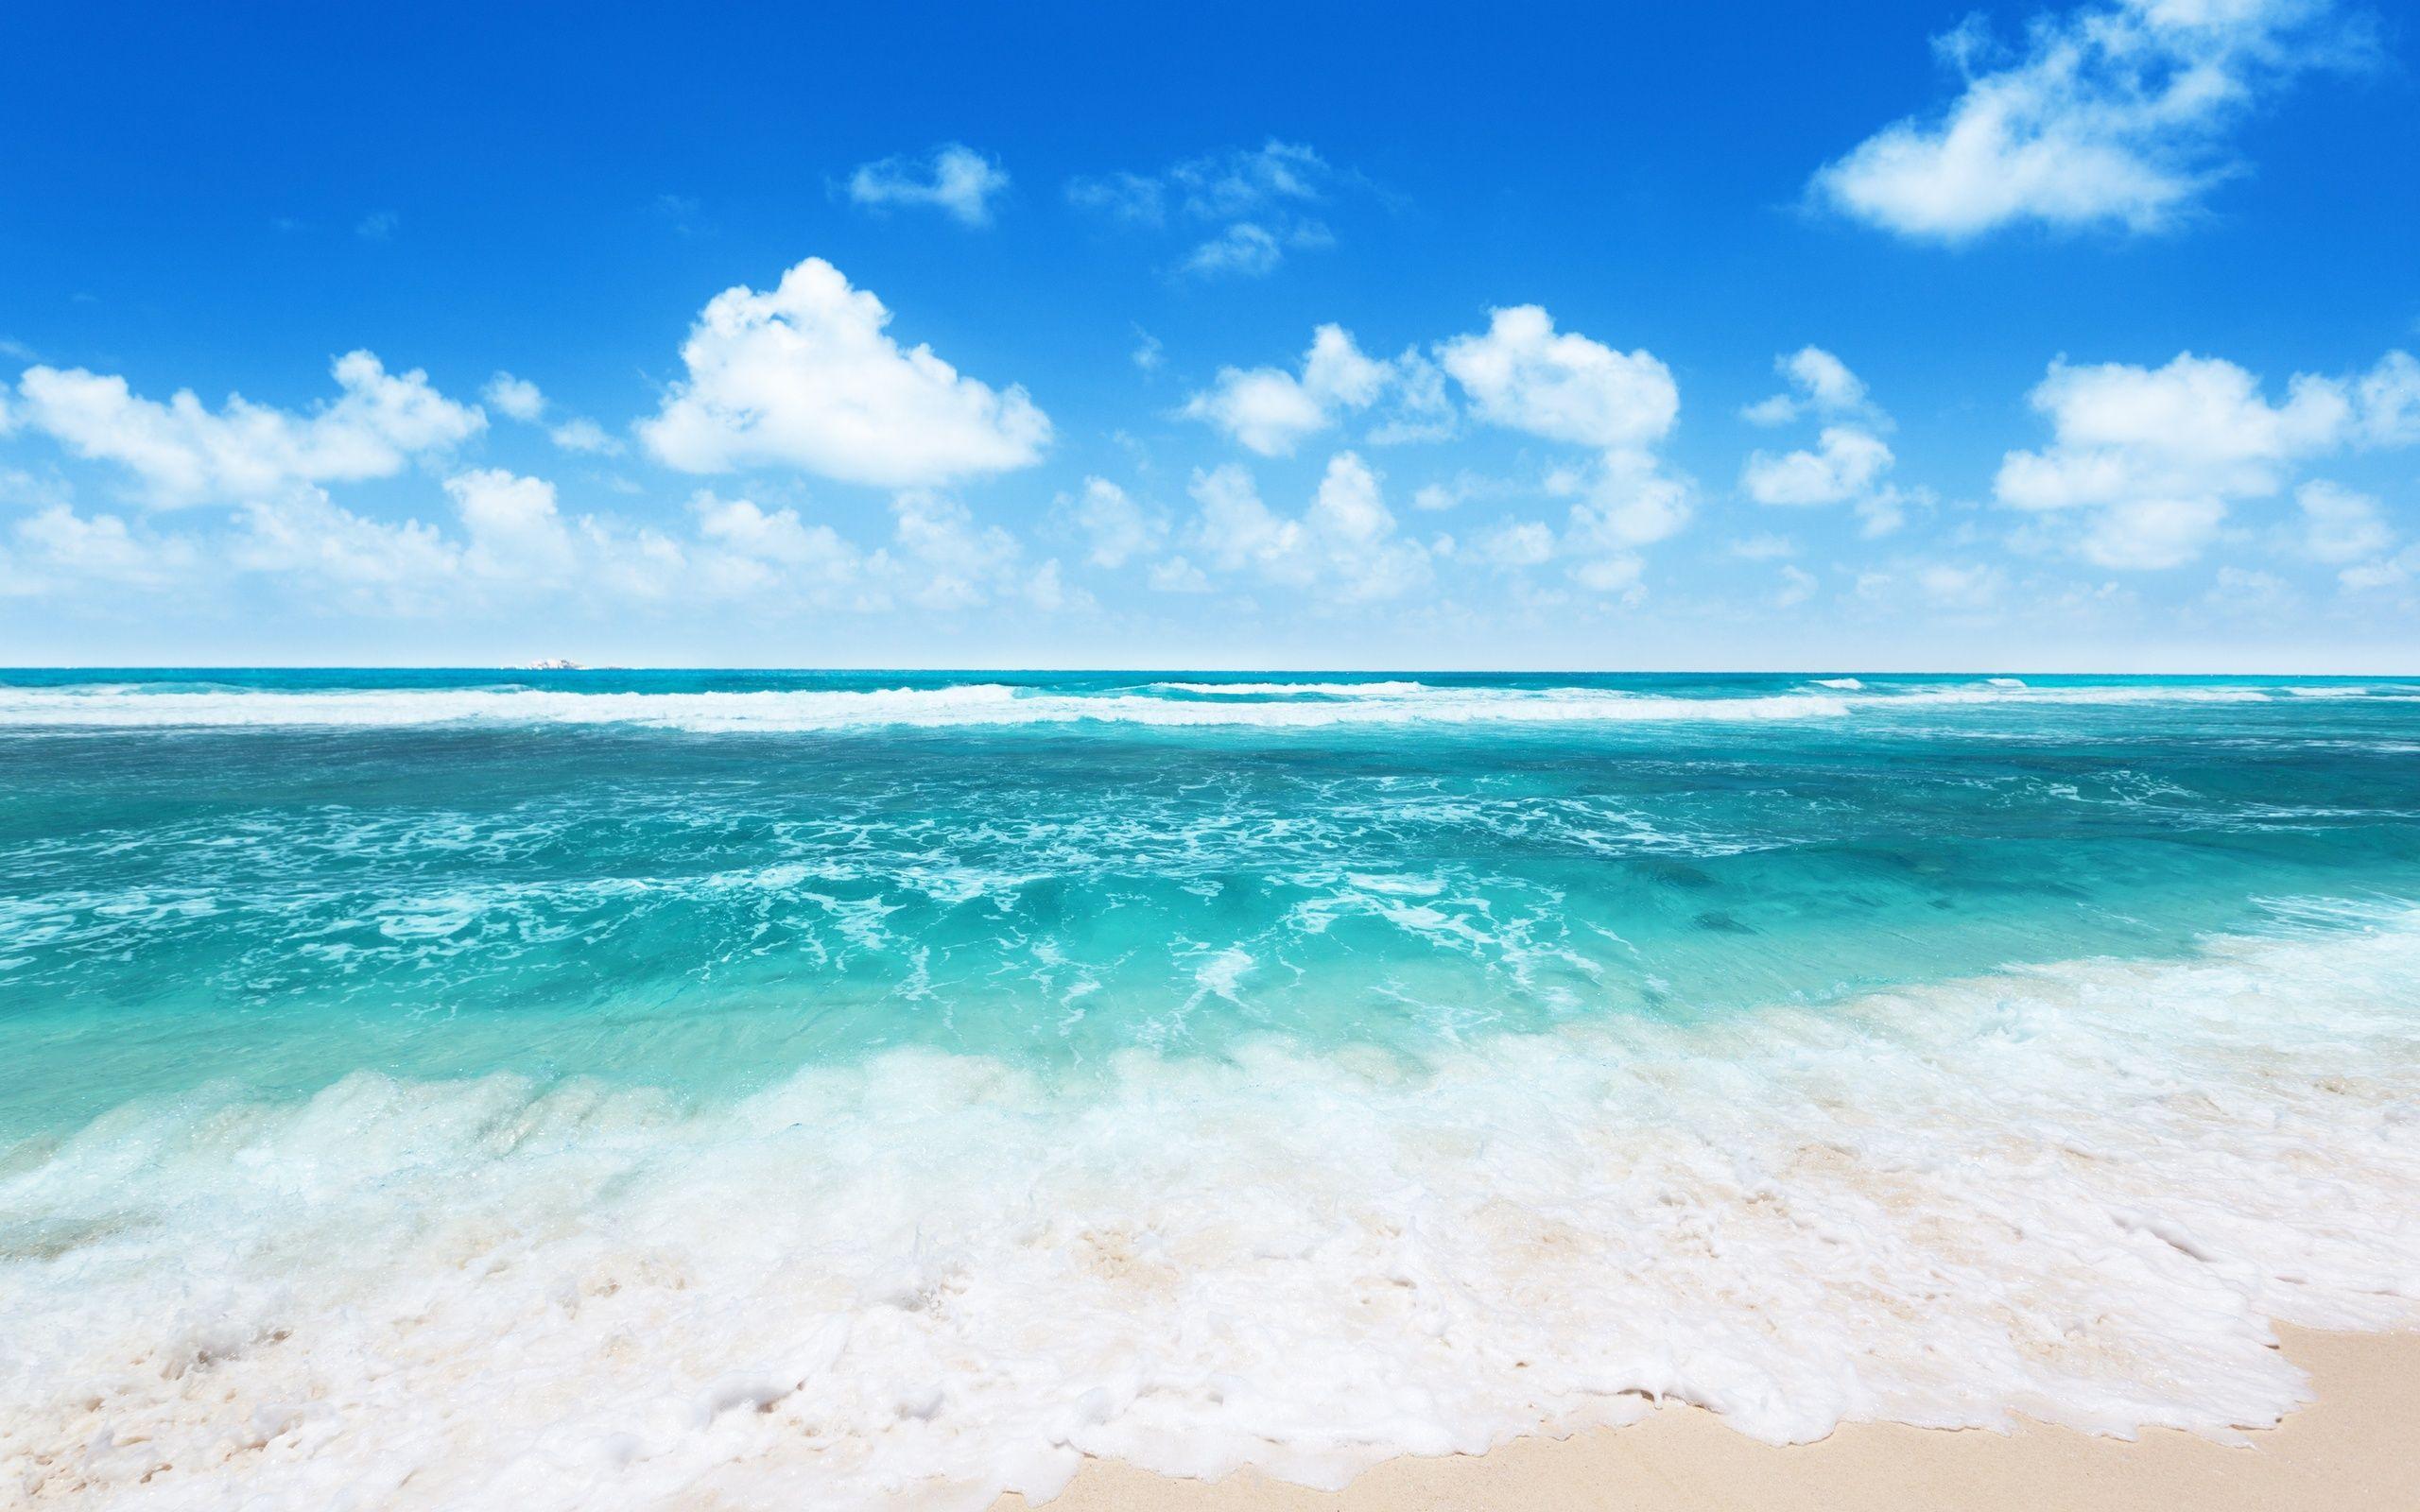 Ocean Waves Wallpaper  Beach wallpaper Ocean 2560x1600